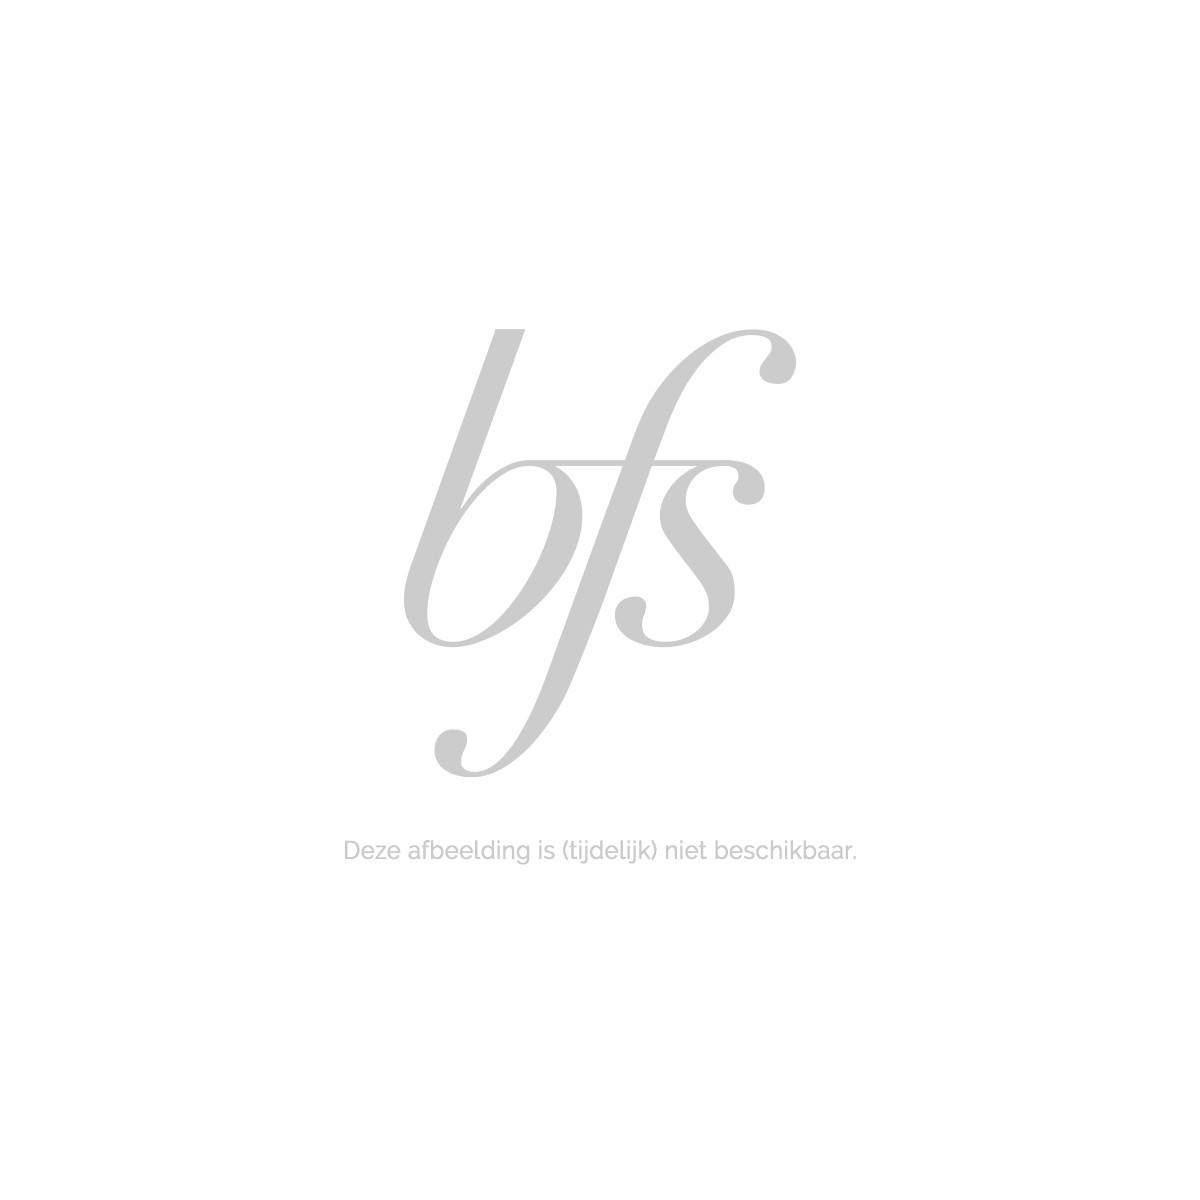 Diesel Loverdose pour Femme Eau de Parfum 50 ml